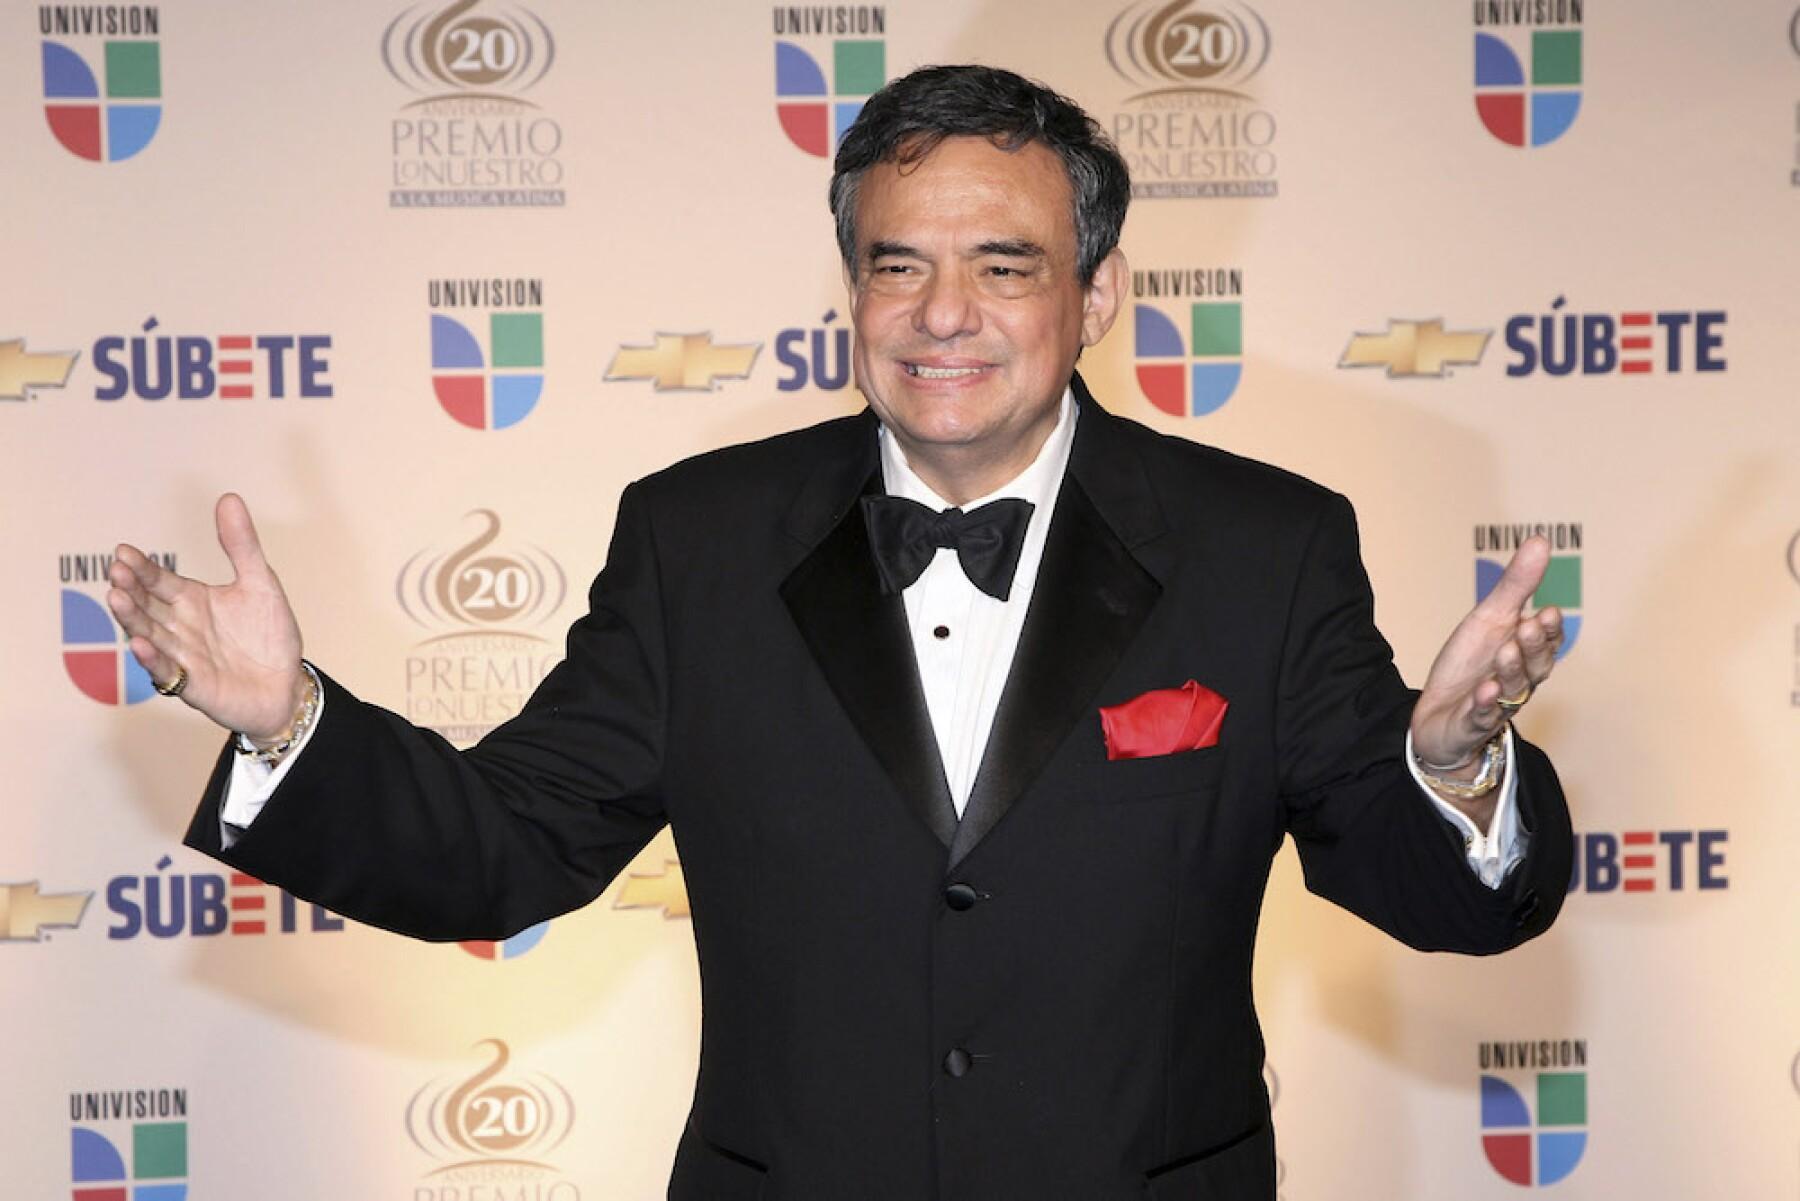 Univision Premio Lo Nuestro Awards 2008 - Press Room